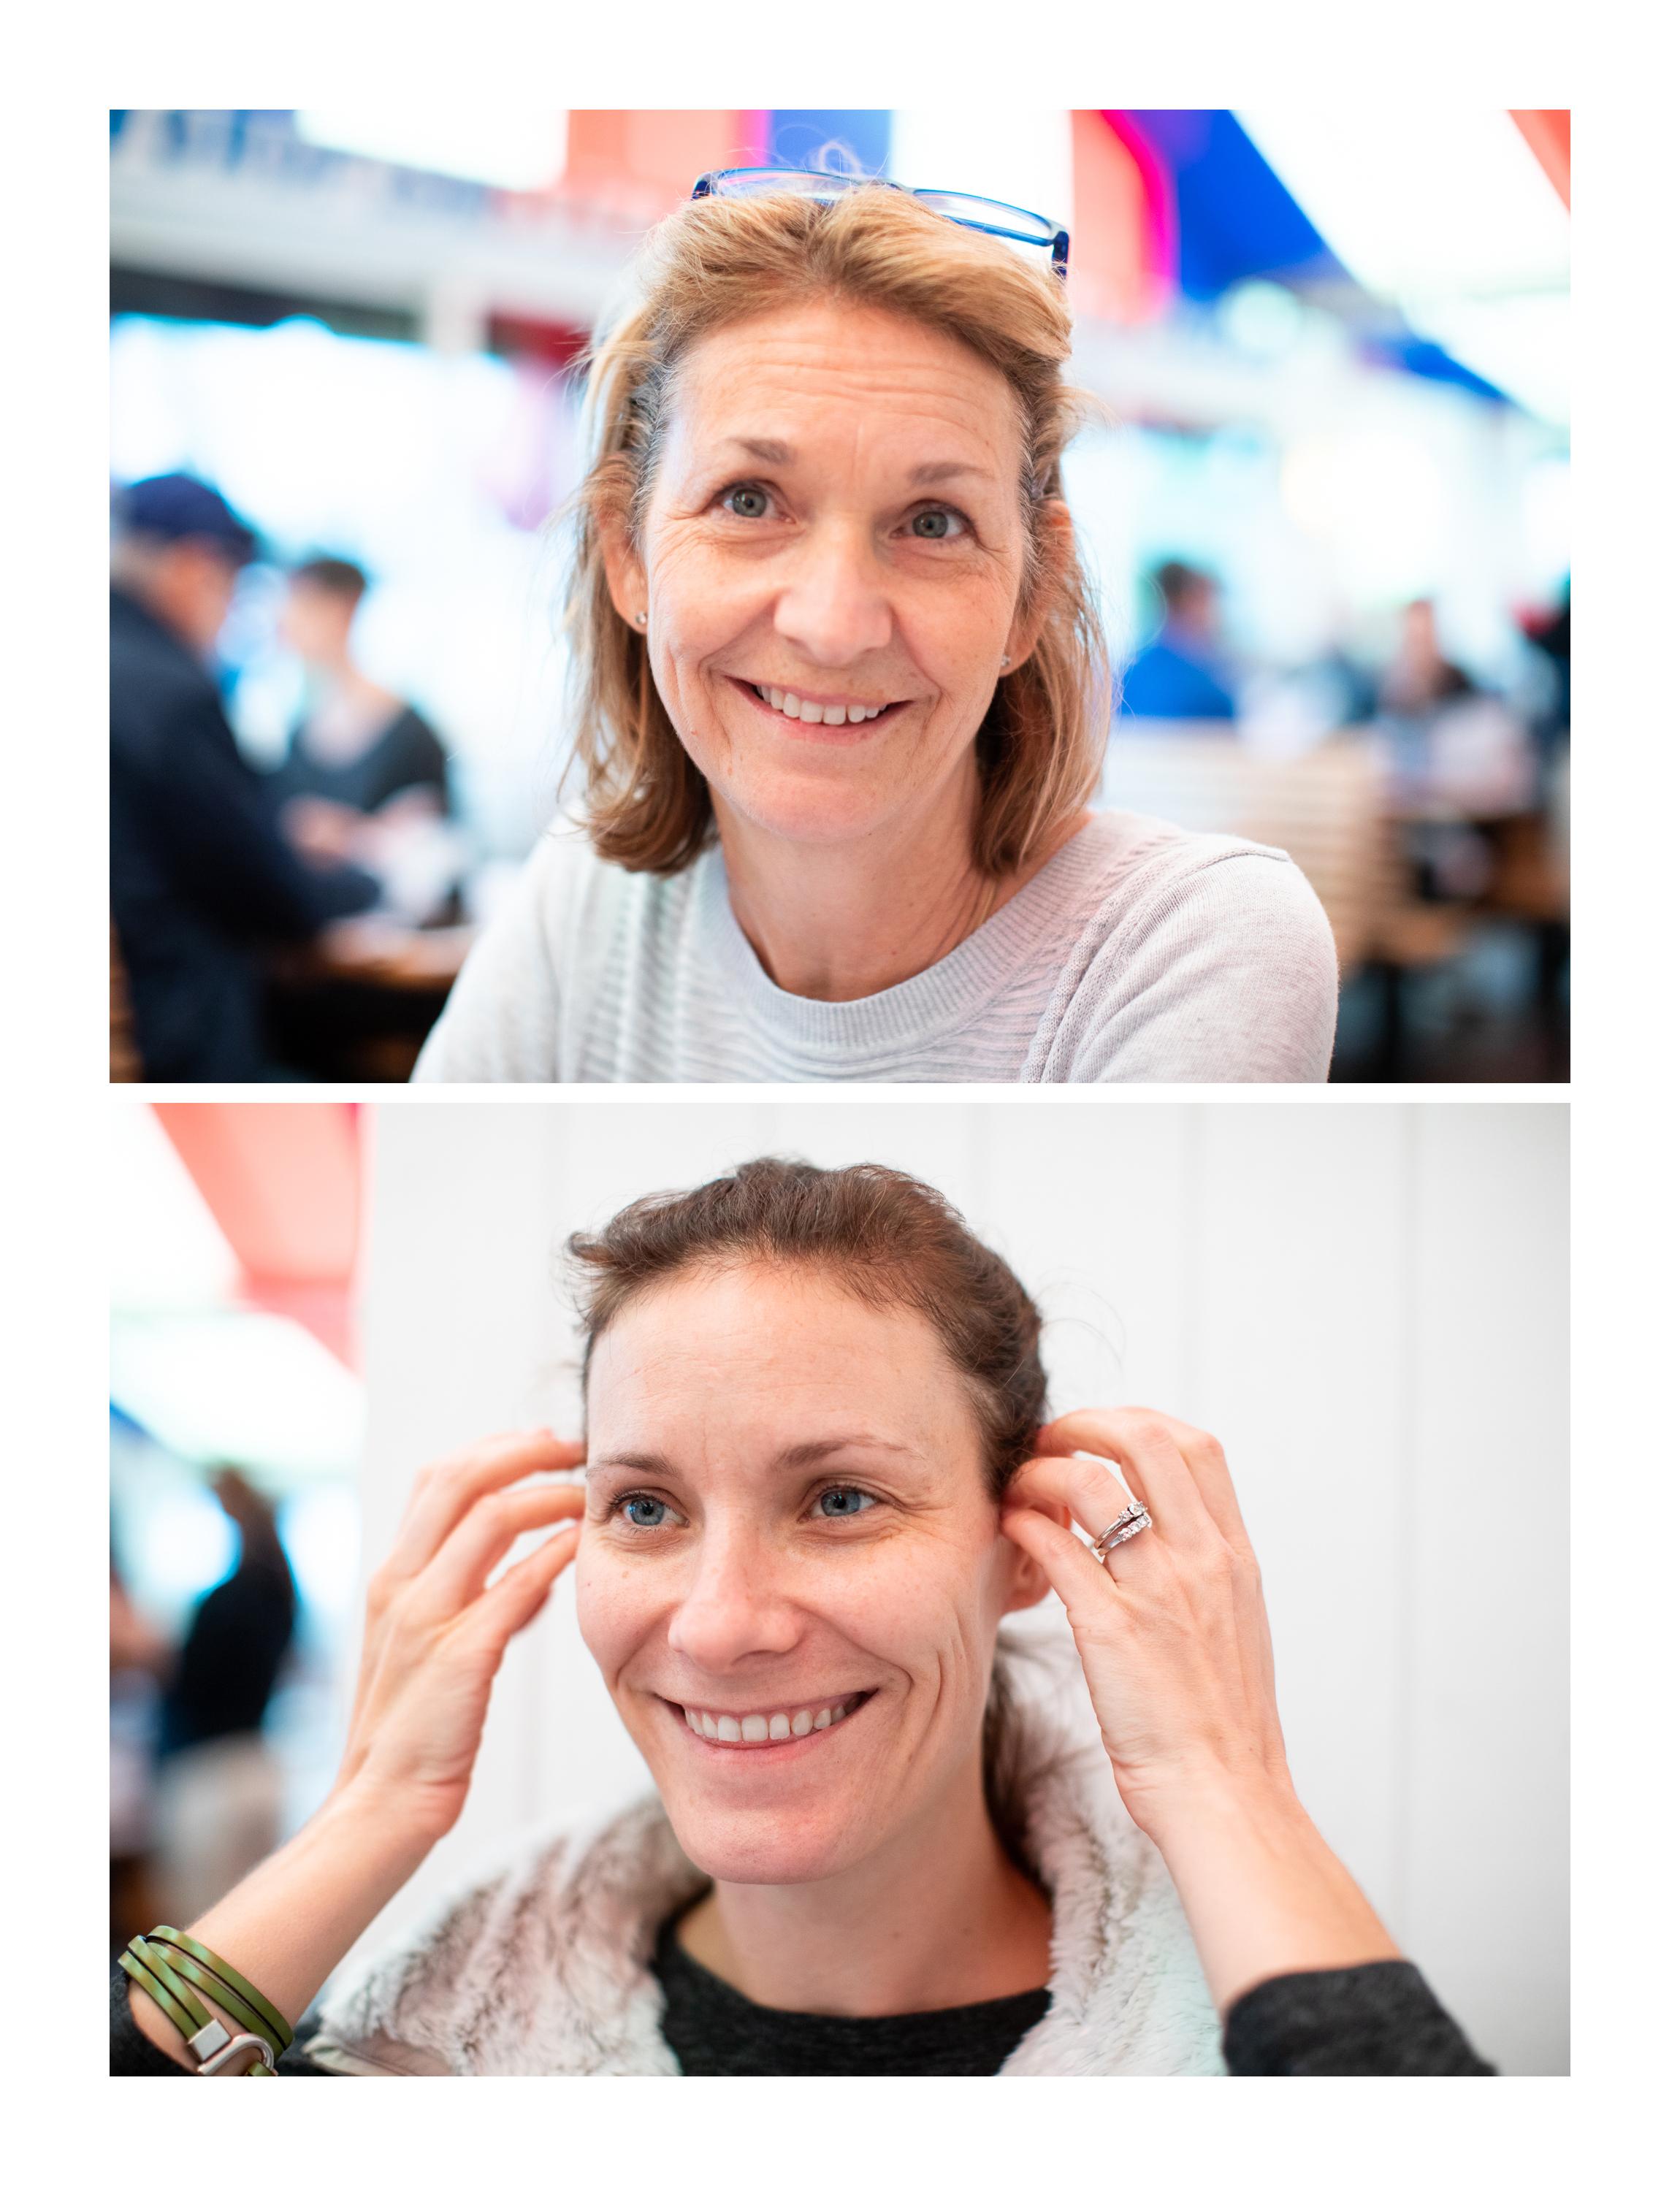 mom_and_sis.jpg